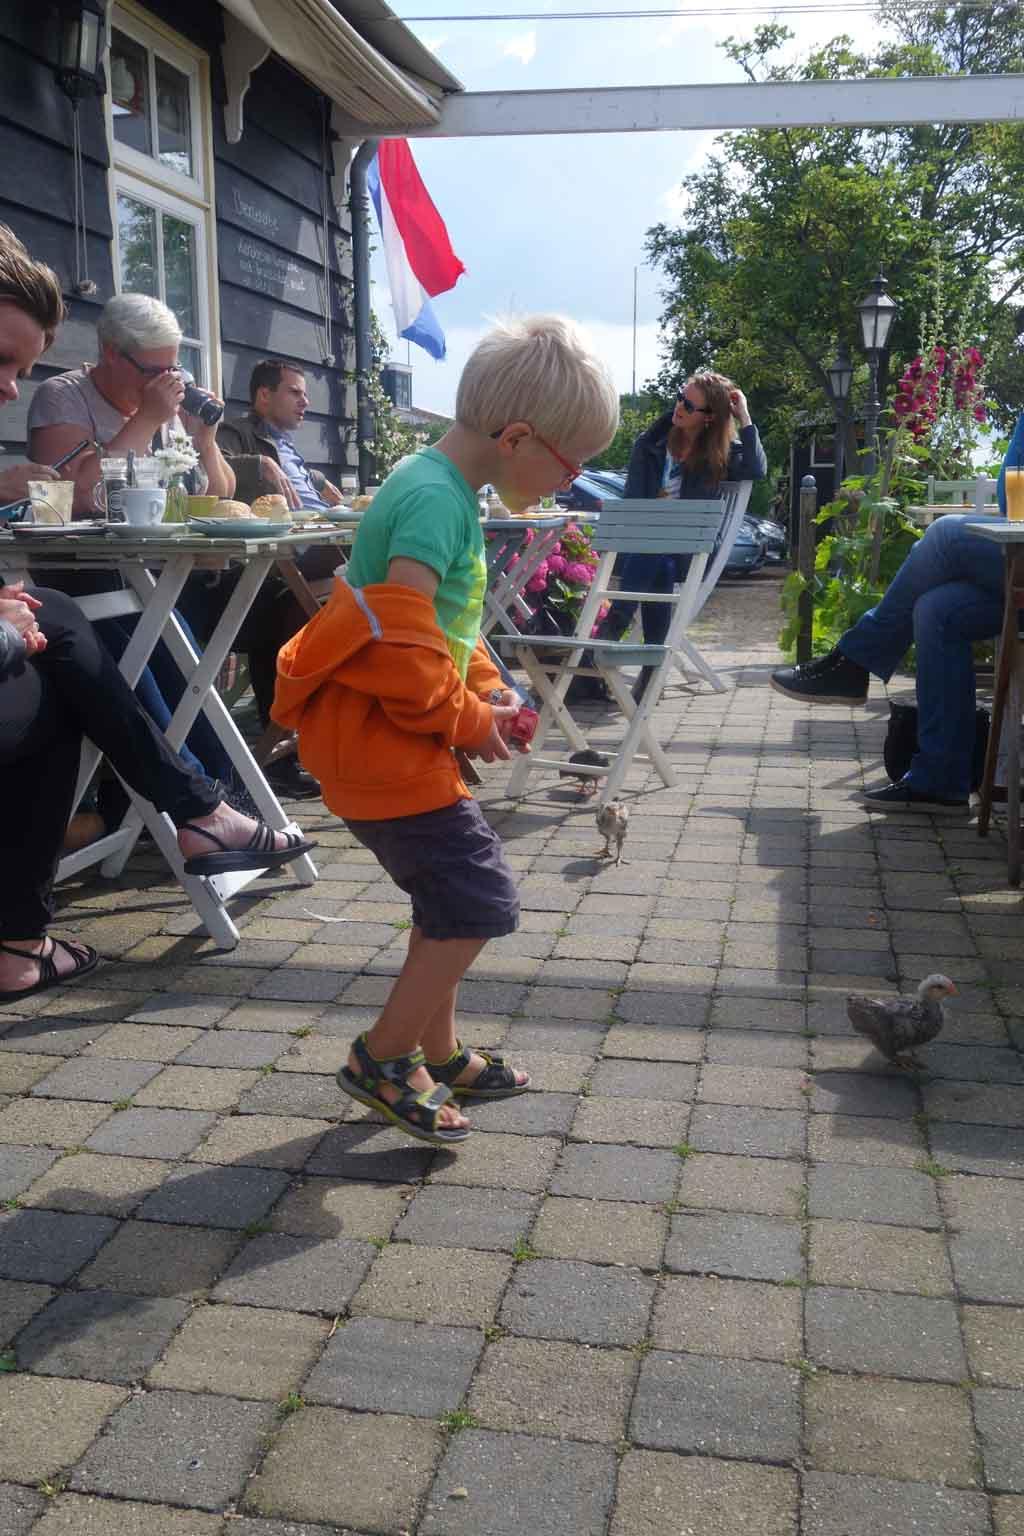 Op het terras scharrelen de kuikens rond.